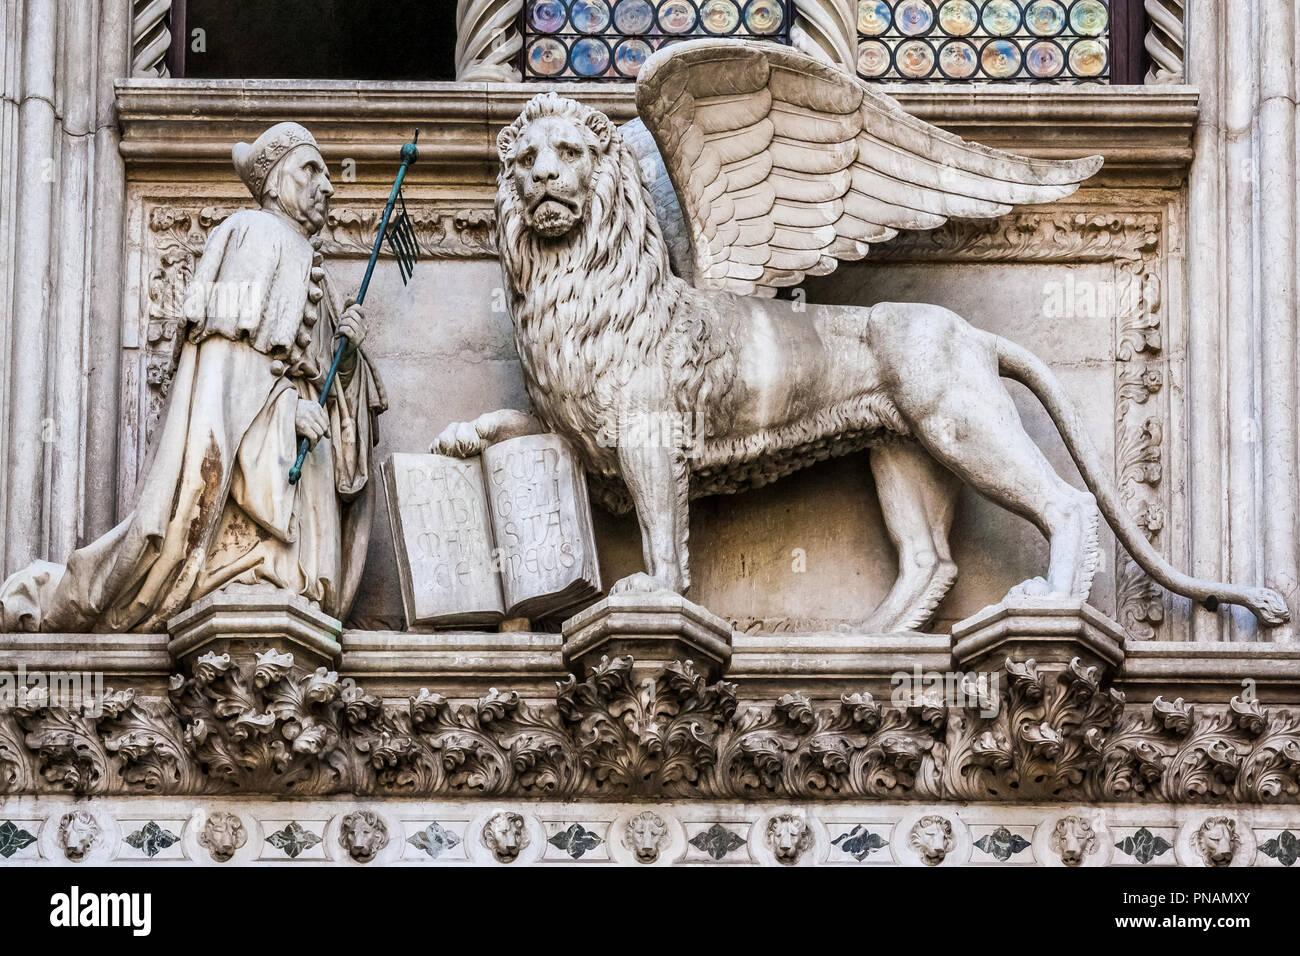 El león de San Marcos y el doge Foscari en la puerta del Palacio Ducal, símbolo de San Marcos Evangelista, patrono de la ciudad. Foto de stock